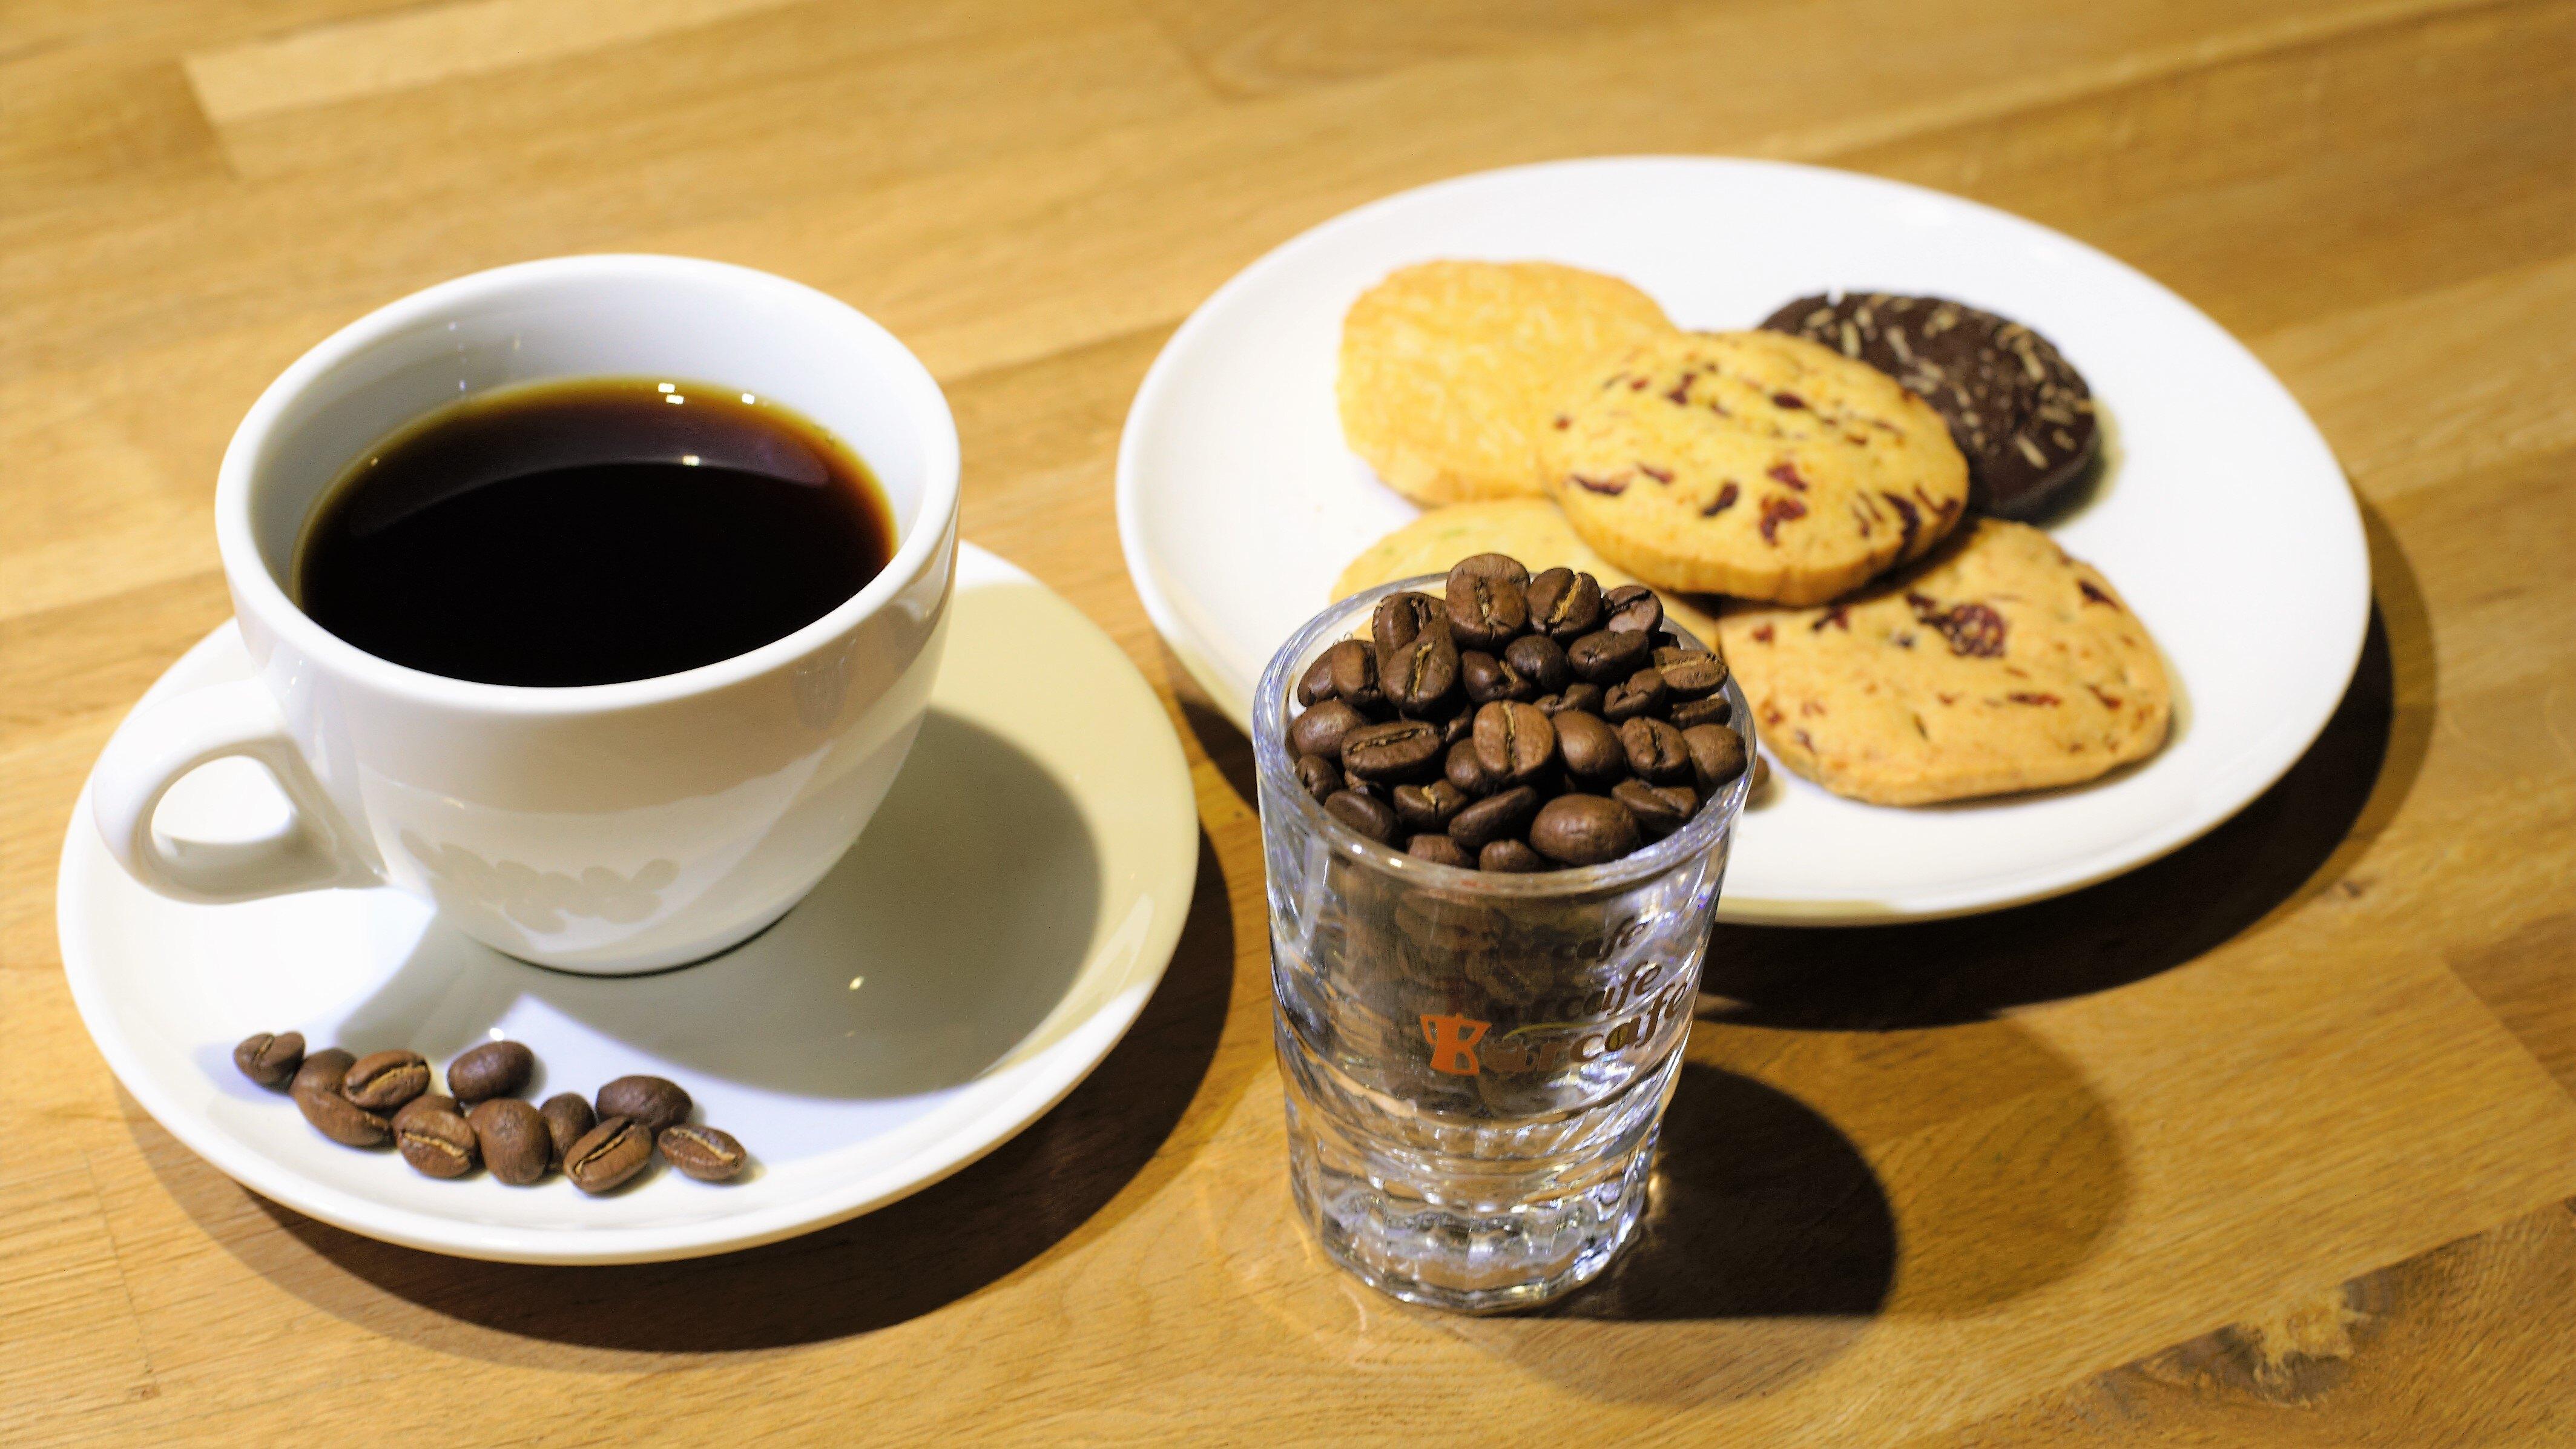 下午茶優惠組合 家庭號手工健康餅乾(560g)  半磅咖啡(227g)